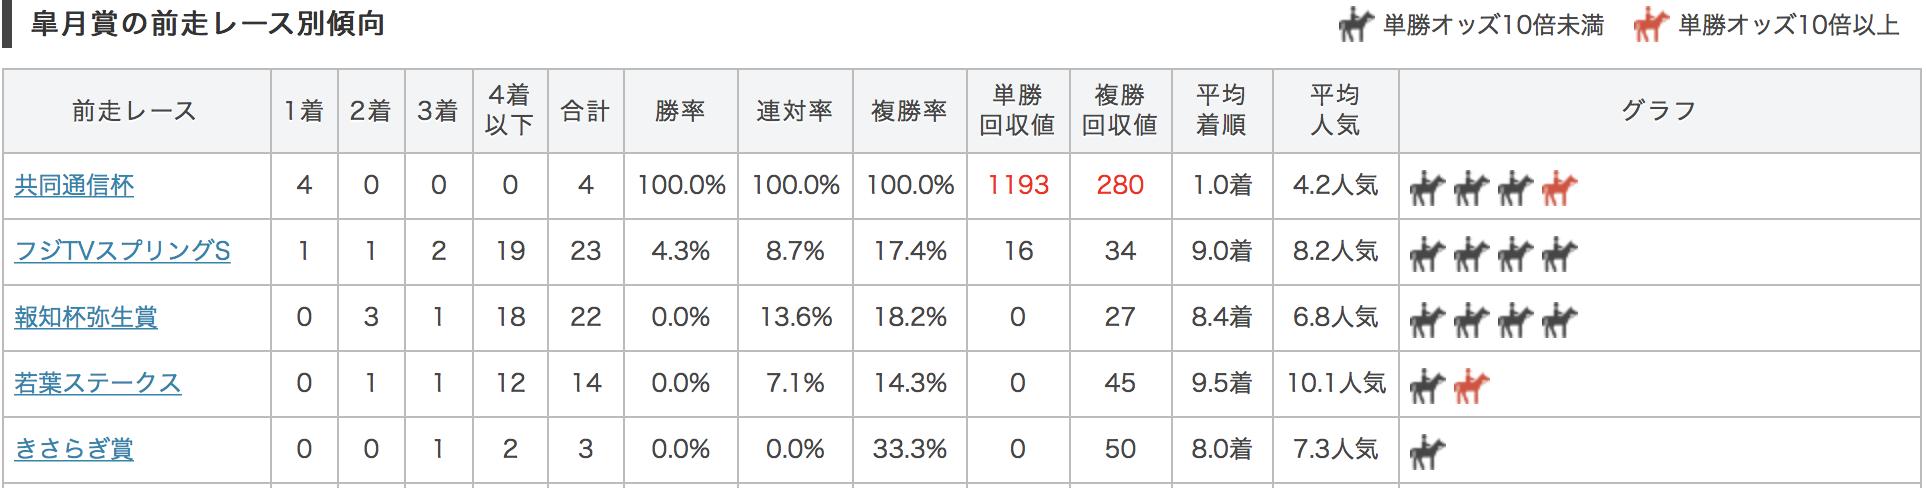 皐月賞2017前走別データ